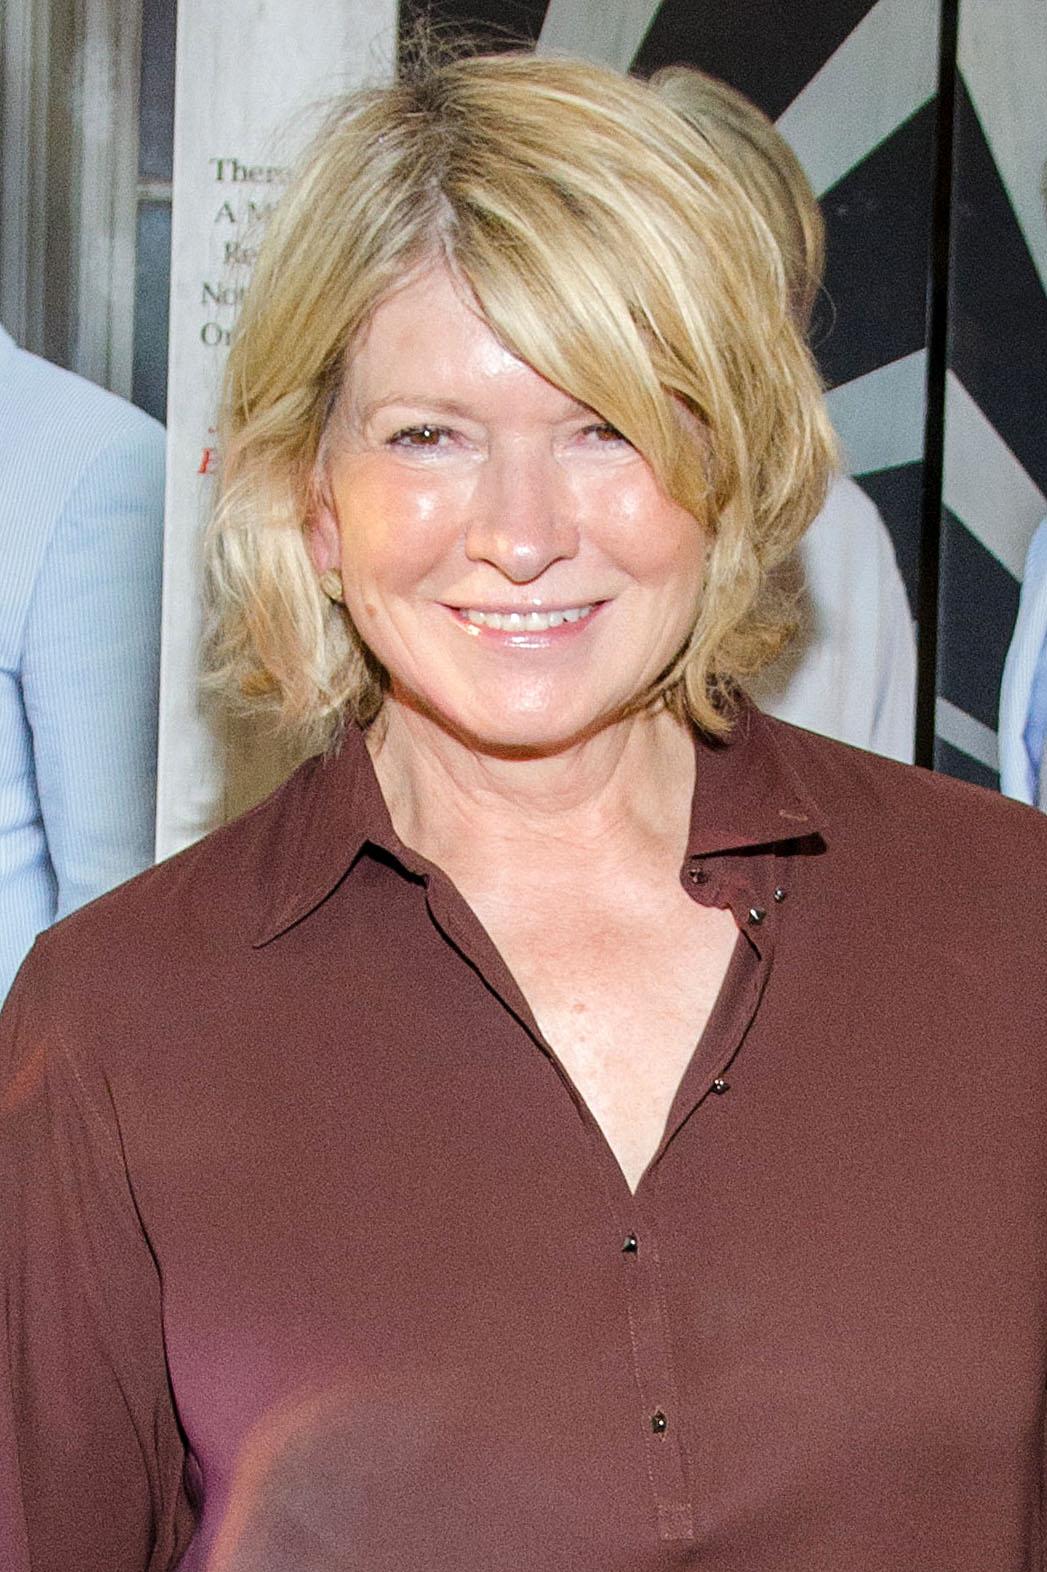 Martha Stewart Headshot - P 2014